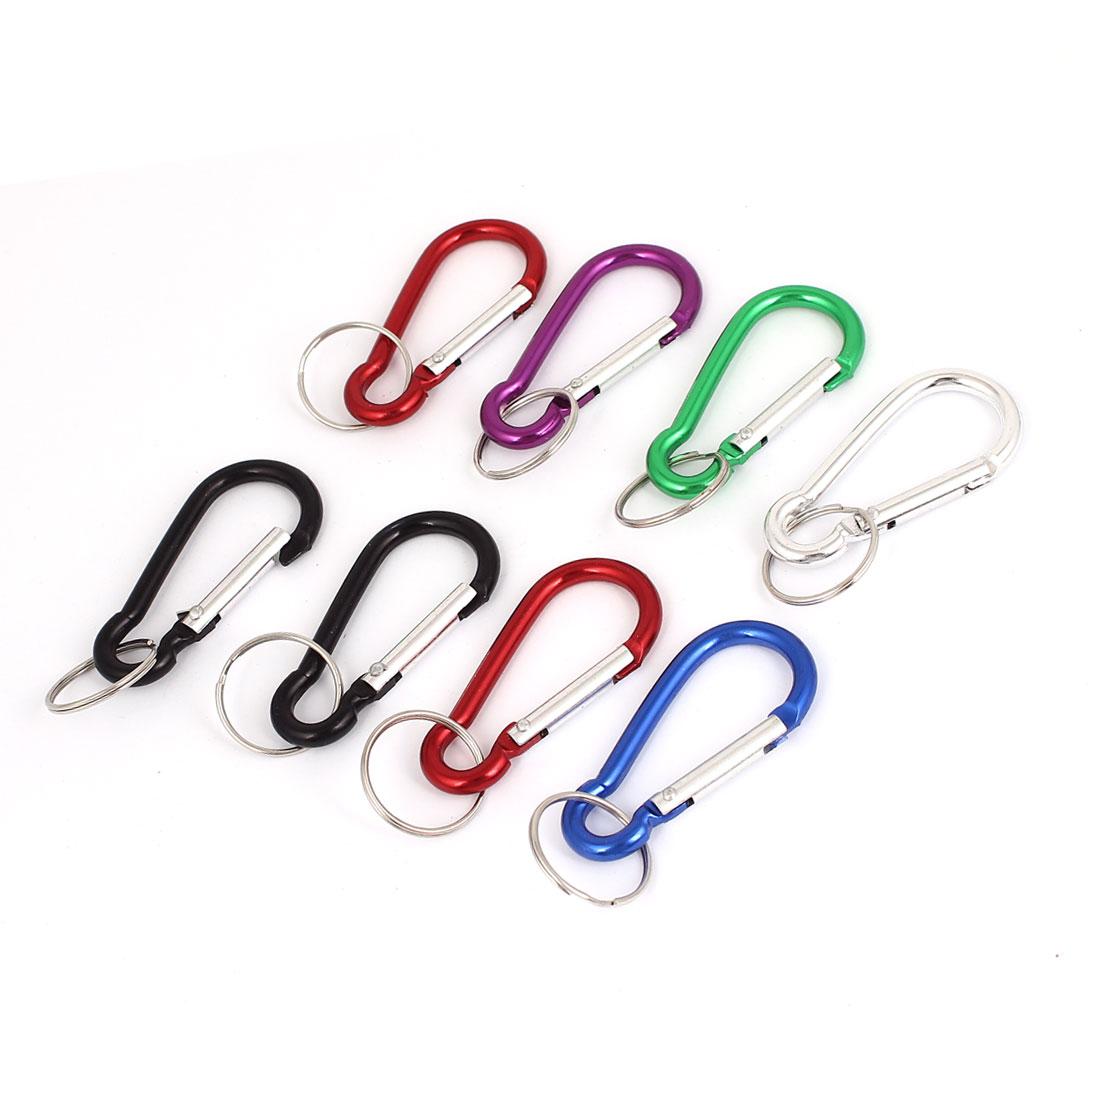 Carabiner Clip Hook Split Ring Keychain Keyring Key Holder Assorted Color 8Pcs